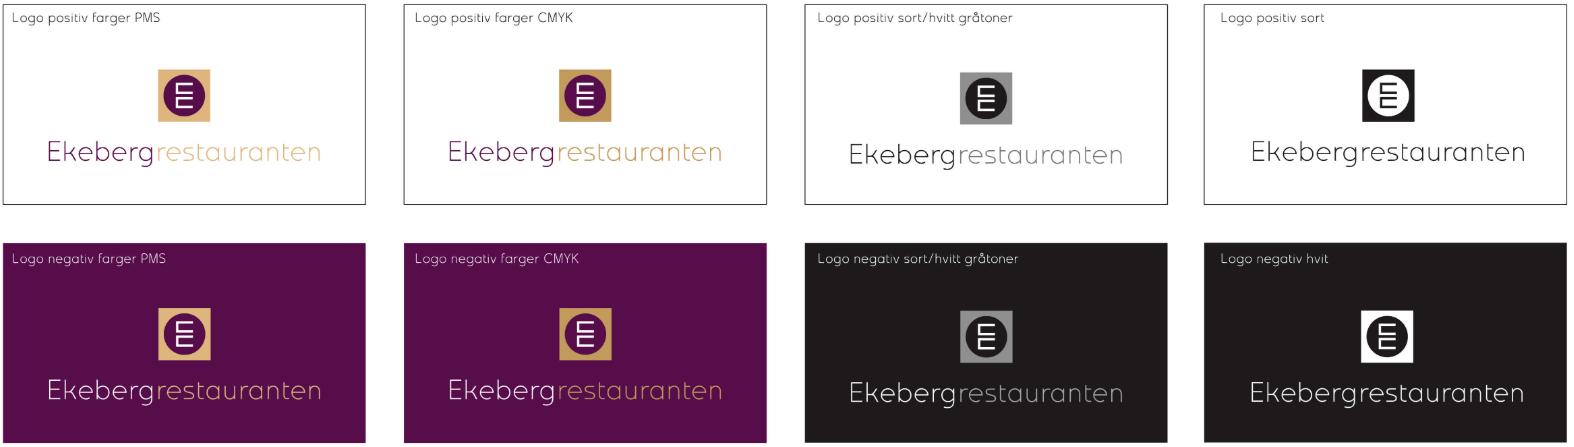 ekeberg-logo-forskjellige-farger